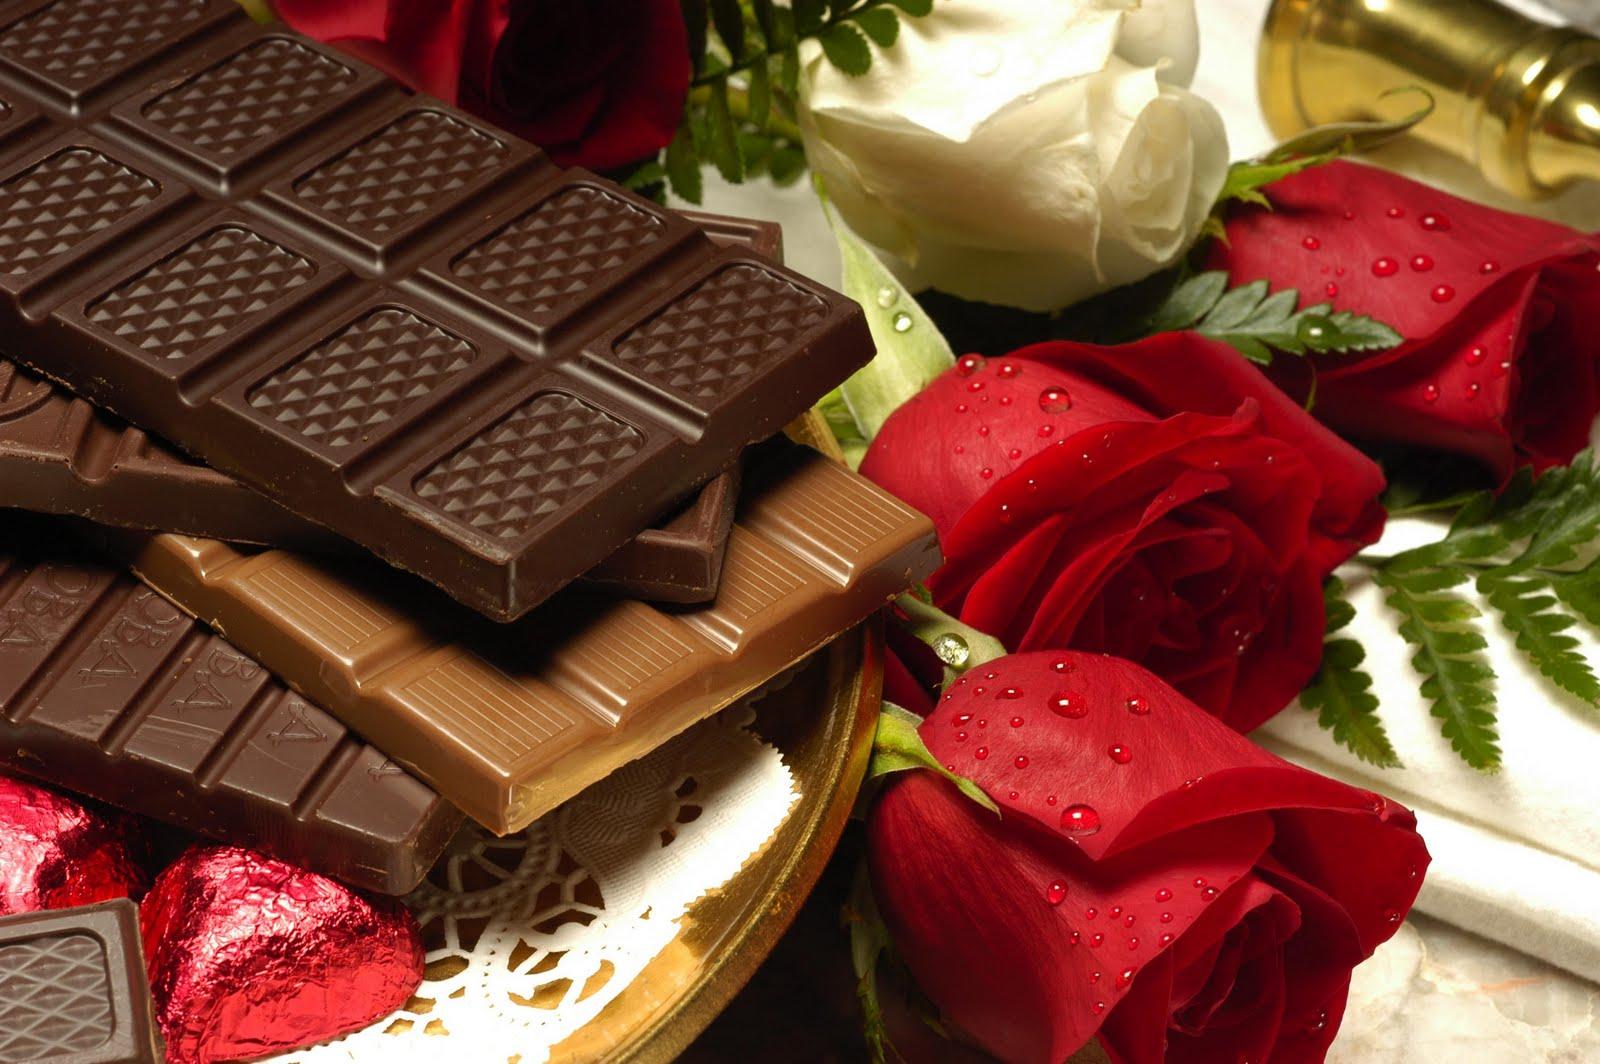 http://2.bp.blogspot.com/_ecoywPgRHhI/TJrTcVY8AuI/AAAAAAAAAOs/Cg4aANHPXfc/s1600/Chocolate5.jpg